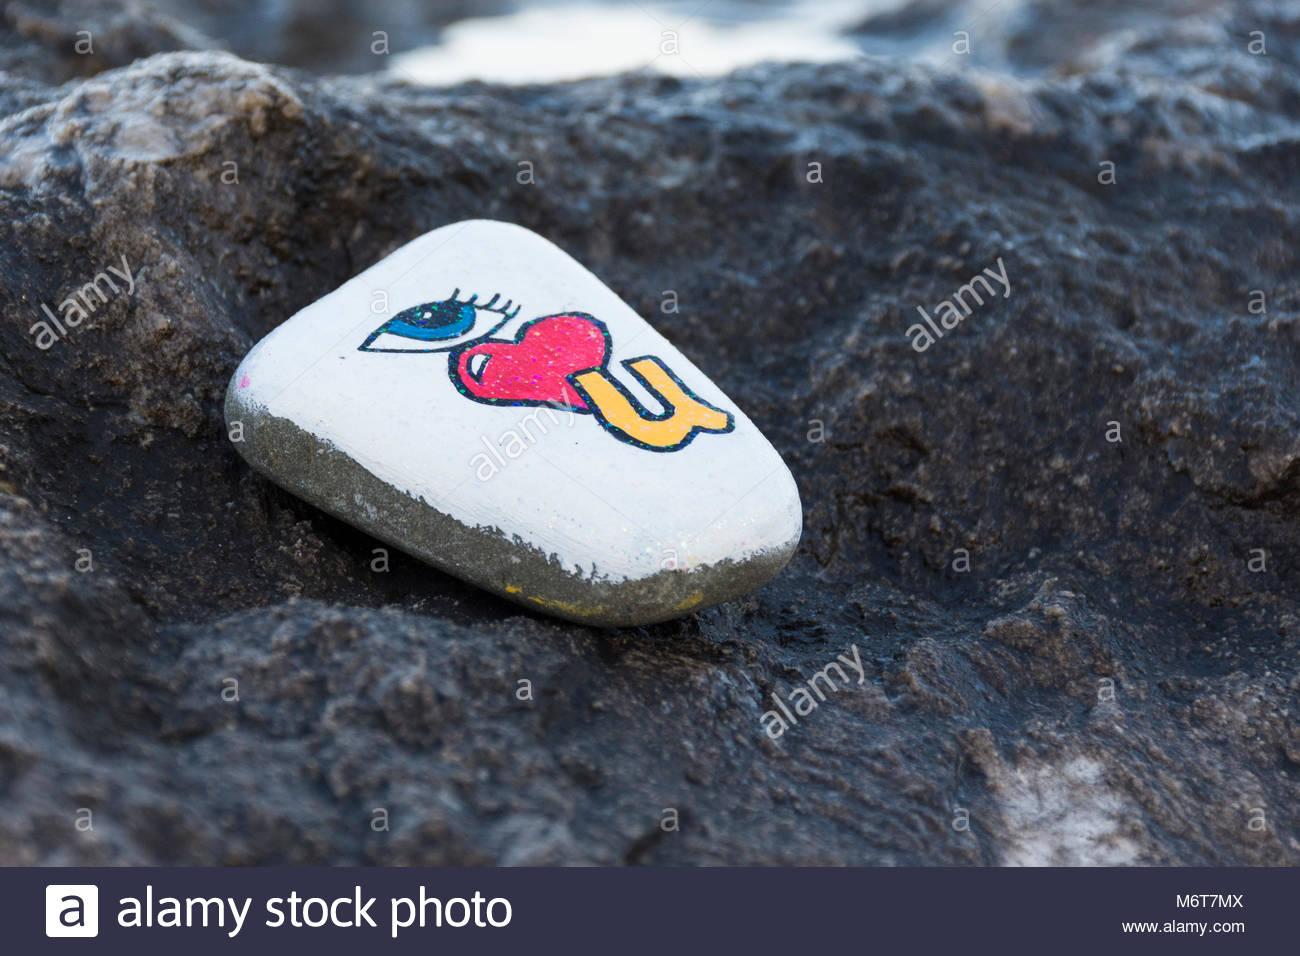 Une pierre peinte avec un 'i love you' message laissé sur un rocher dans le cadre d'un jeu de chasse Photo Stock